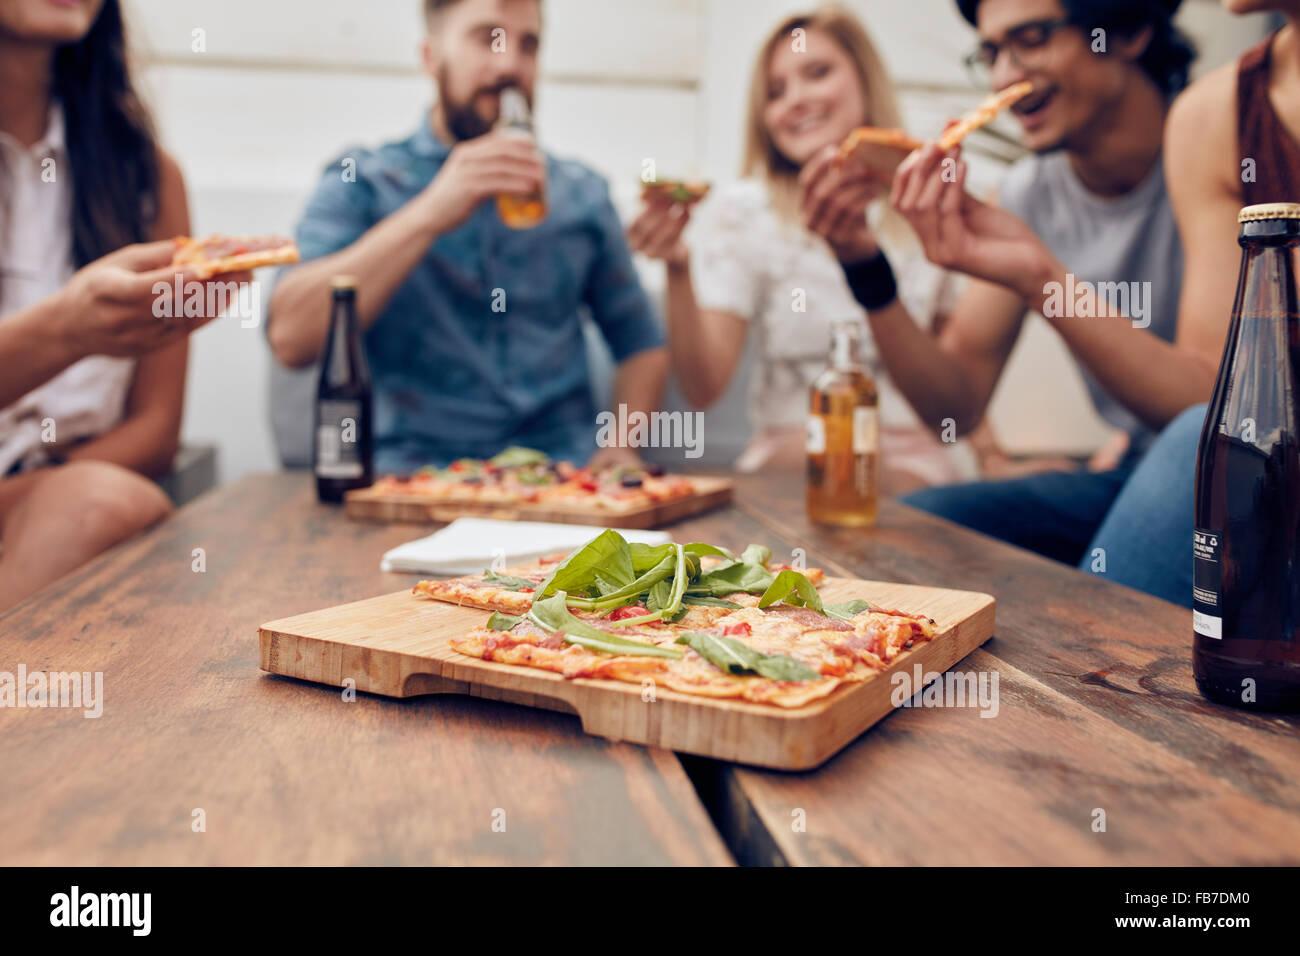 Immagine ravvicinata di pizza sul piatto di legno con persone di mangiare e di bere in background. Gruppo di amici Immagini Stock